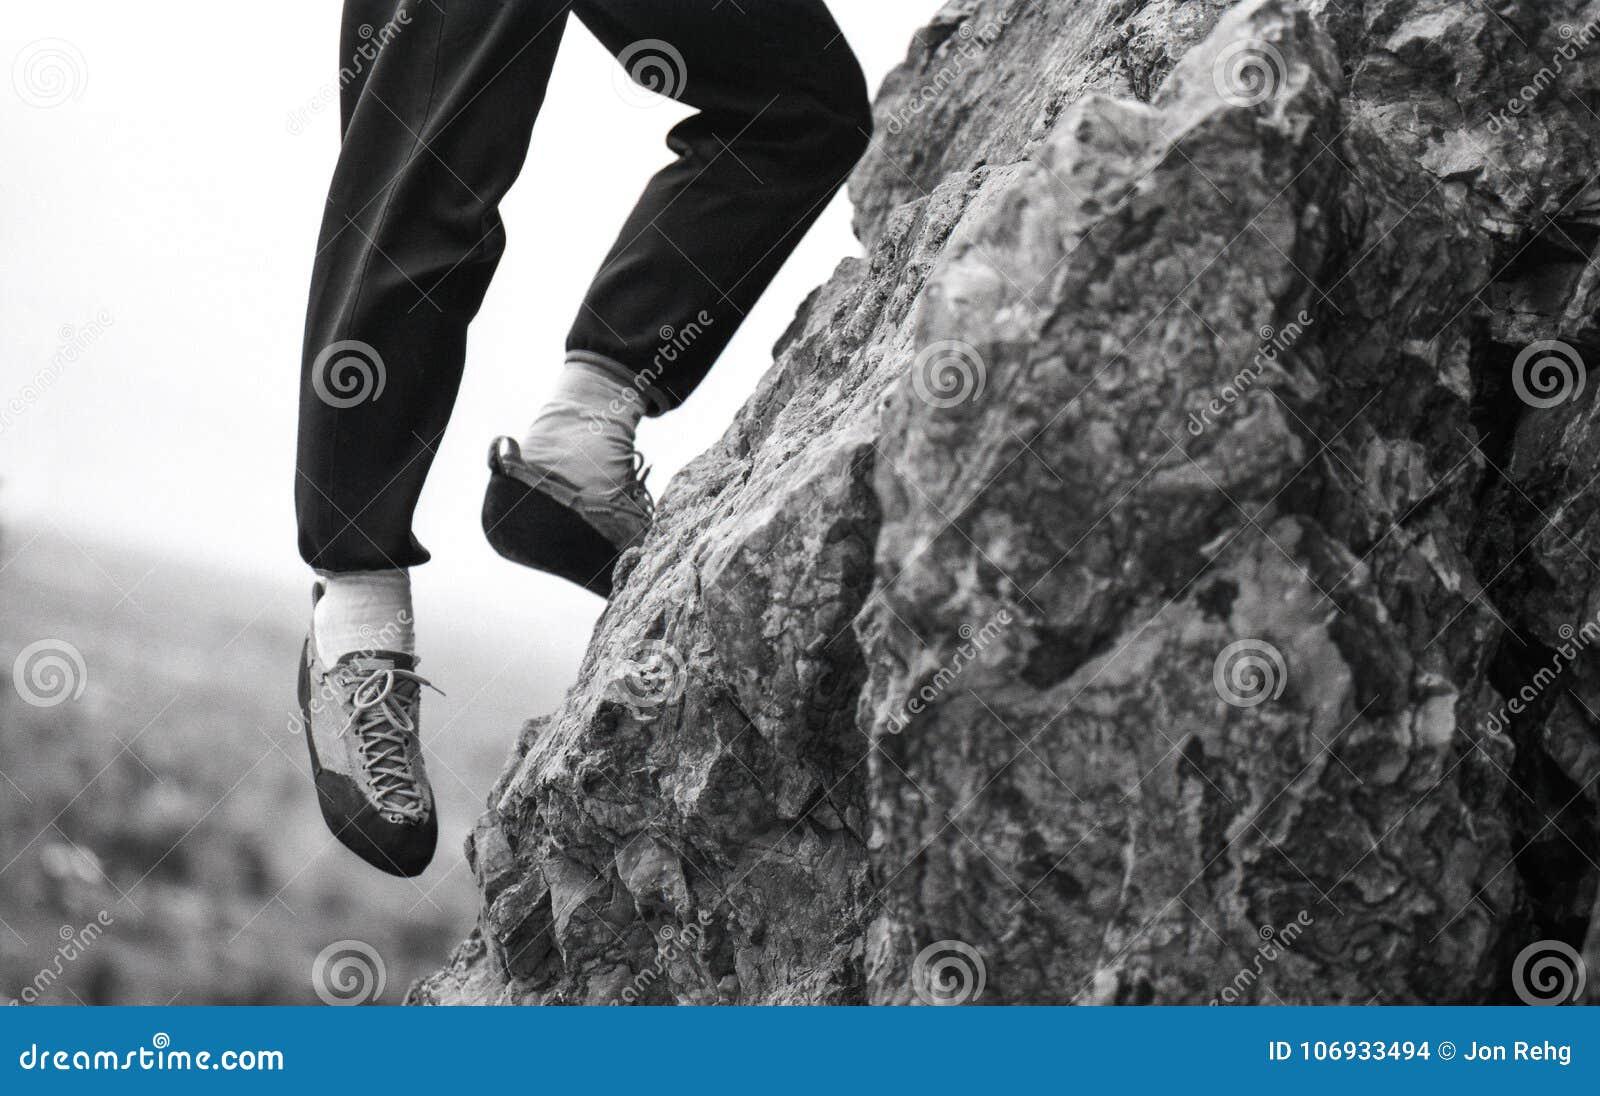 Vagga klättraren med en fot som hänger av kanten av Cliff Outcrop Over Looking Valley under